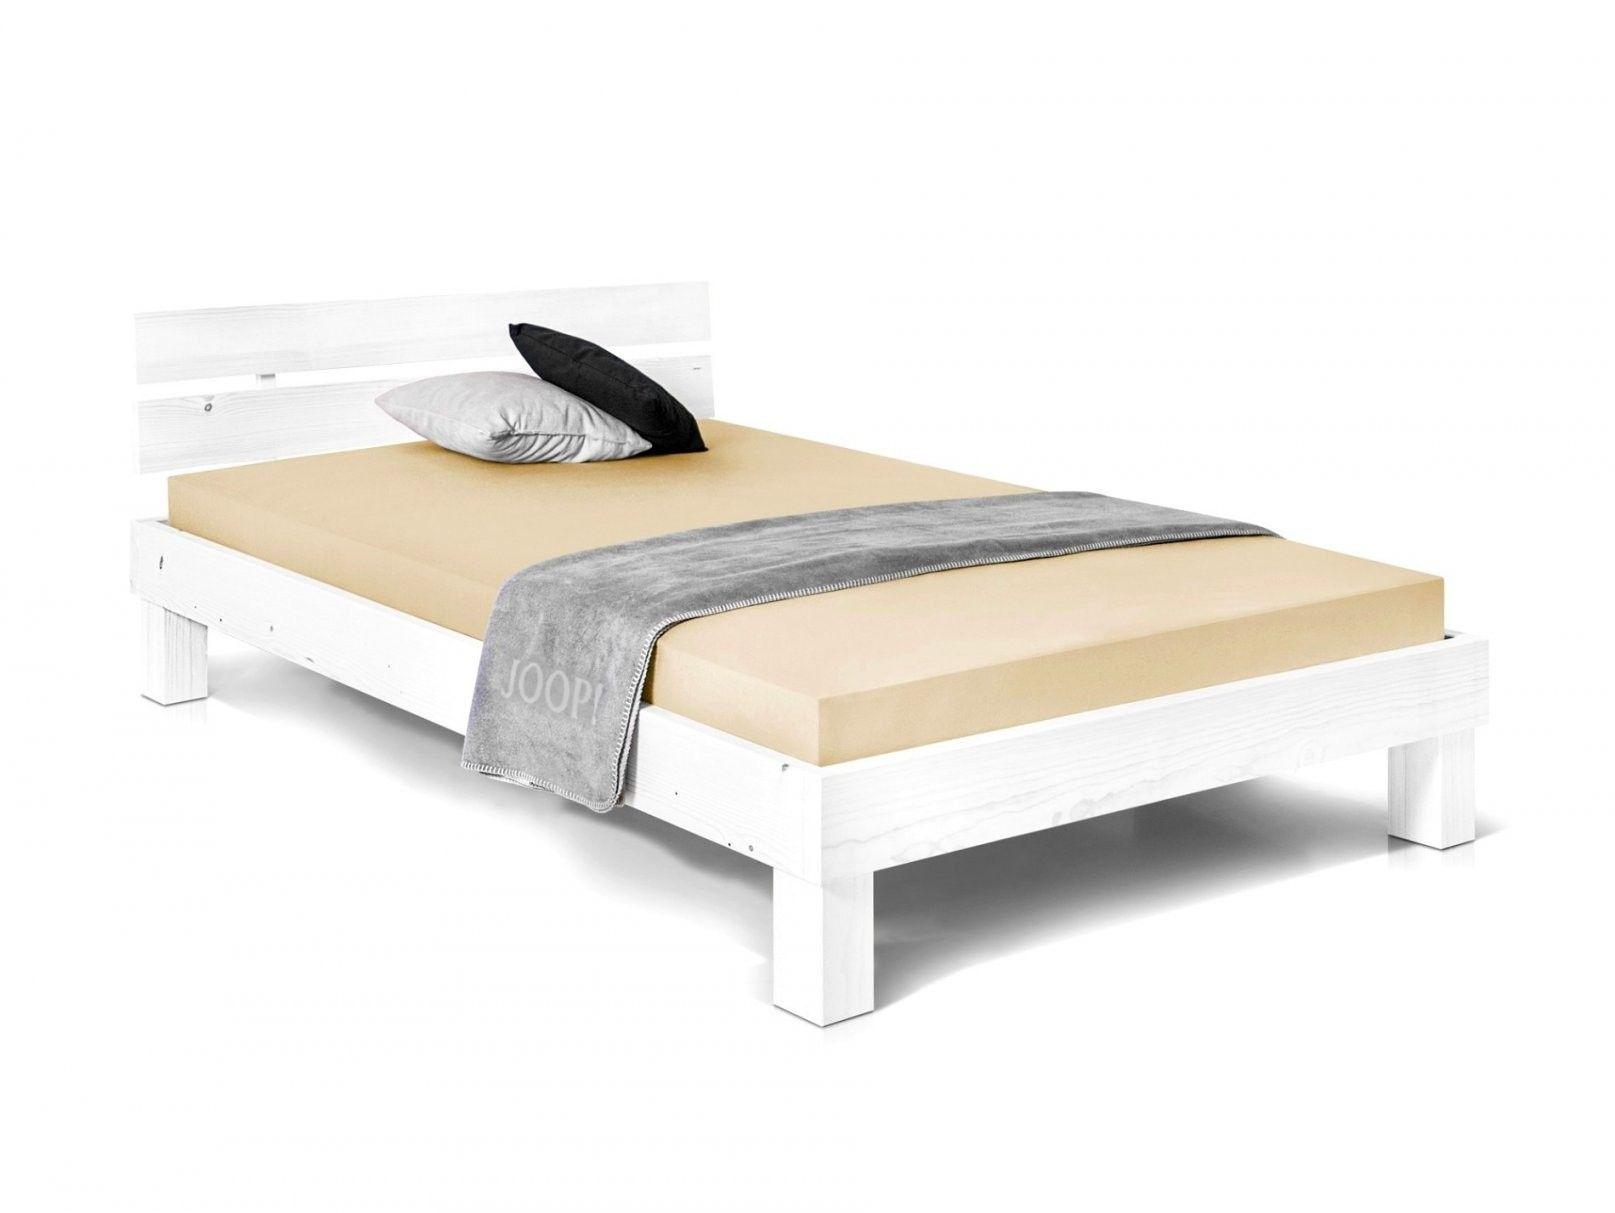 Wohnkultur Pocco Betten Poco 160x200 Schon Kreativ Bett Mit Von Bett 160x200 Poco Bild In 2020 Bett 140x200 Bett